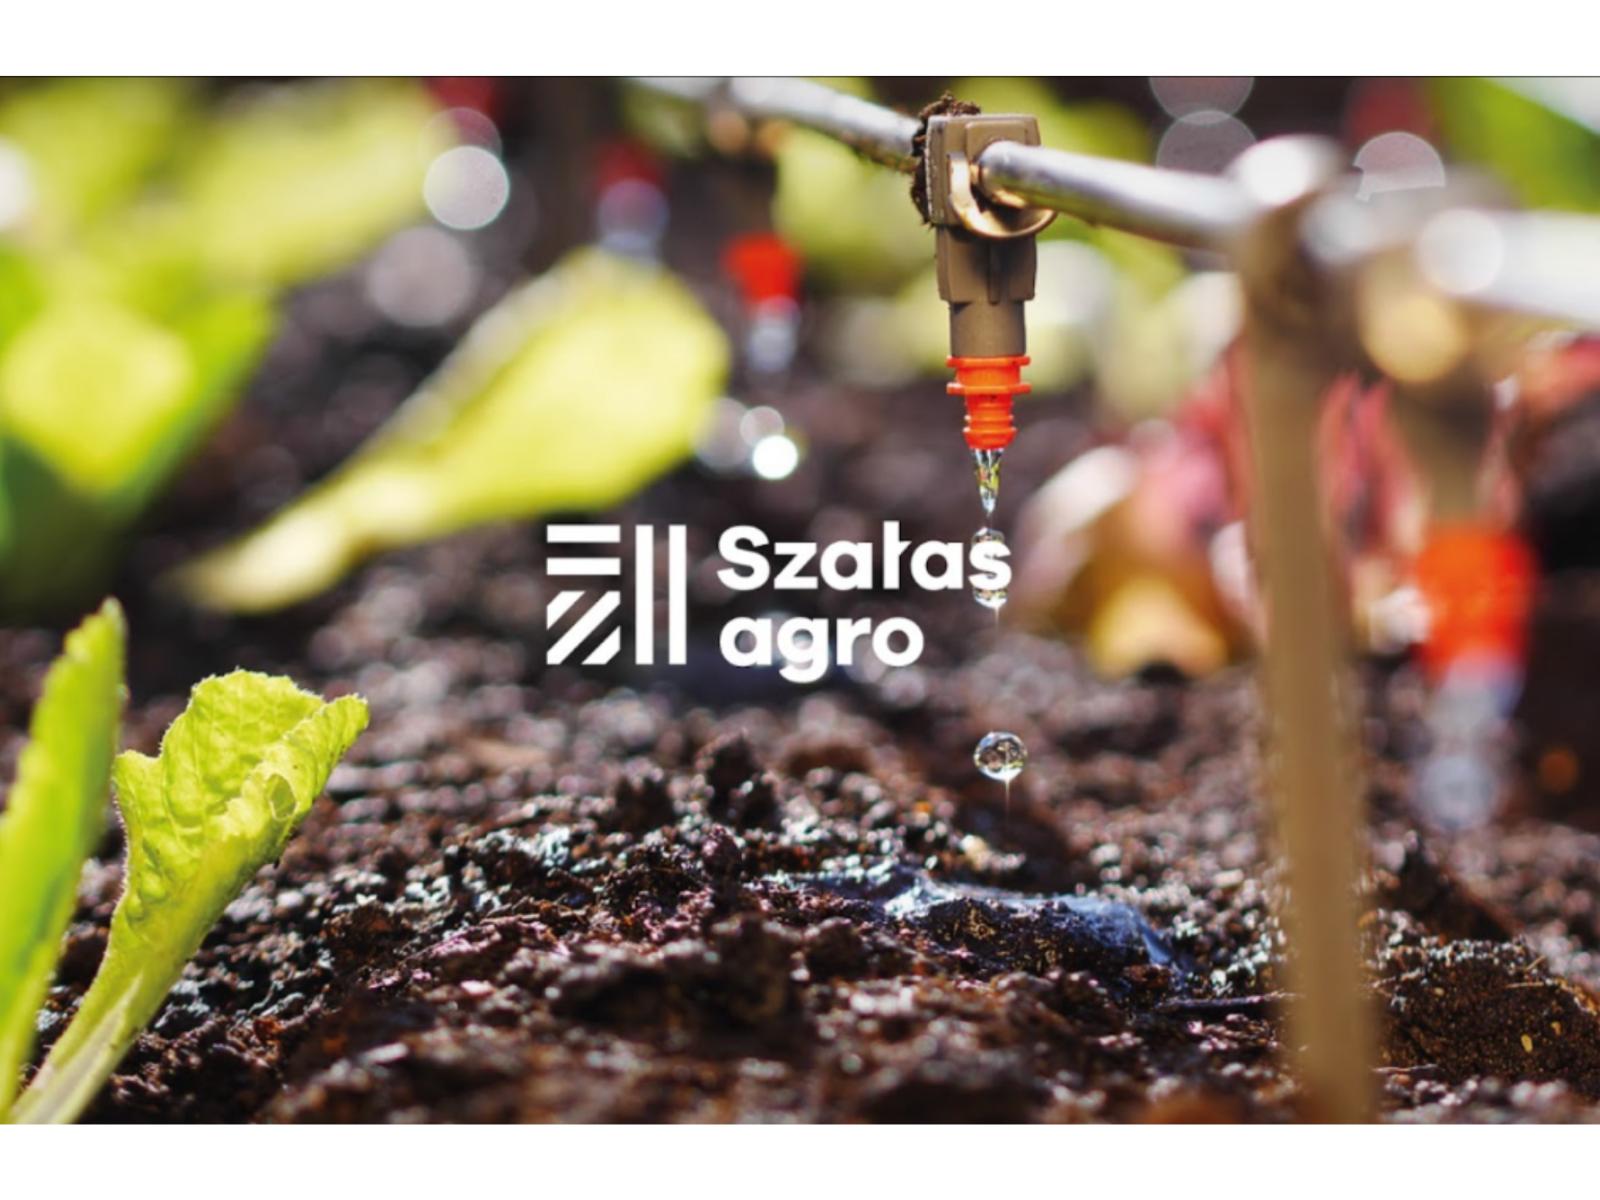 Współpraca z firmą Szałas-Agro